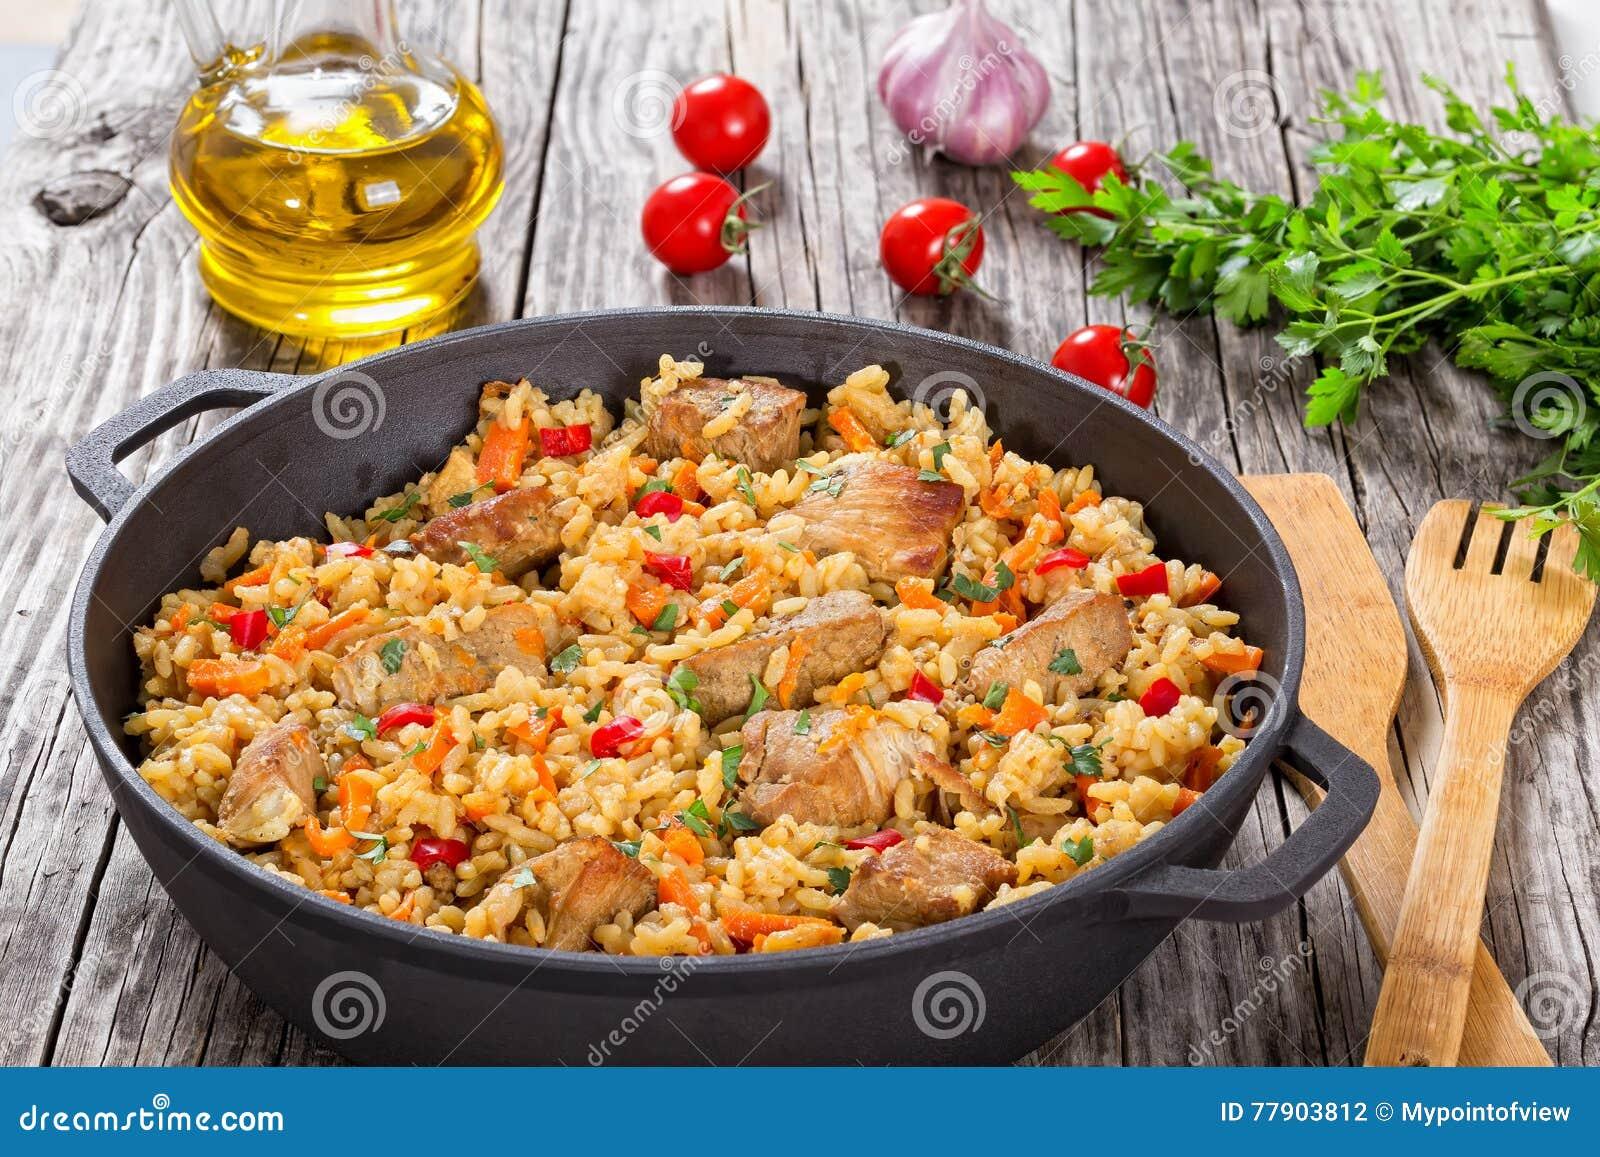 Domowej roboty przygotowany paella z mięsem, pieprz, warzywa